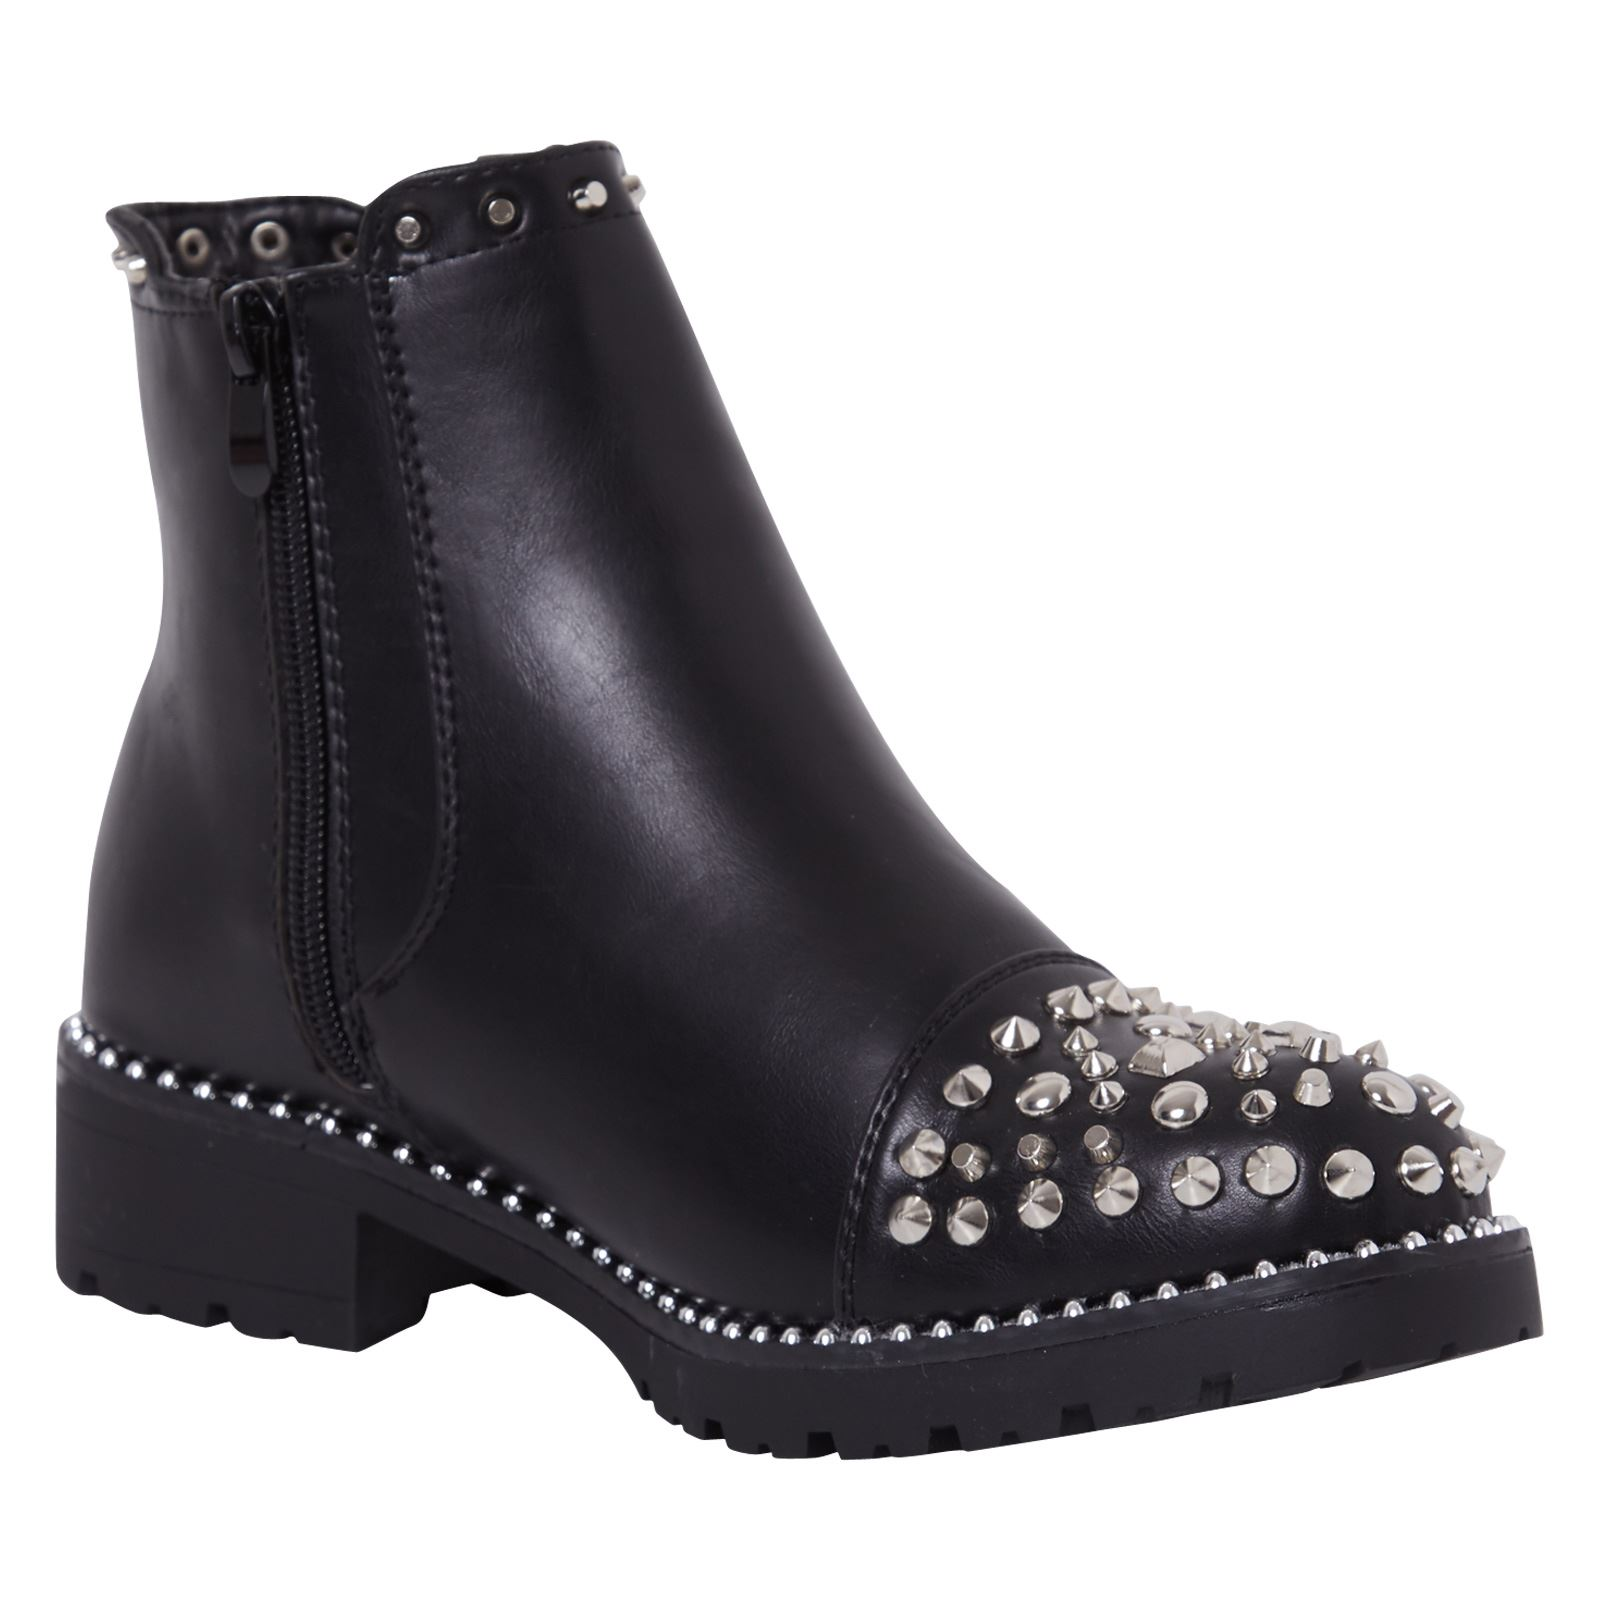 Nouveau Haut Chaussures Femmes Élastique Bottines Cloutées Casual Style Taille